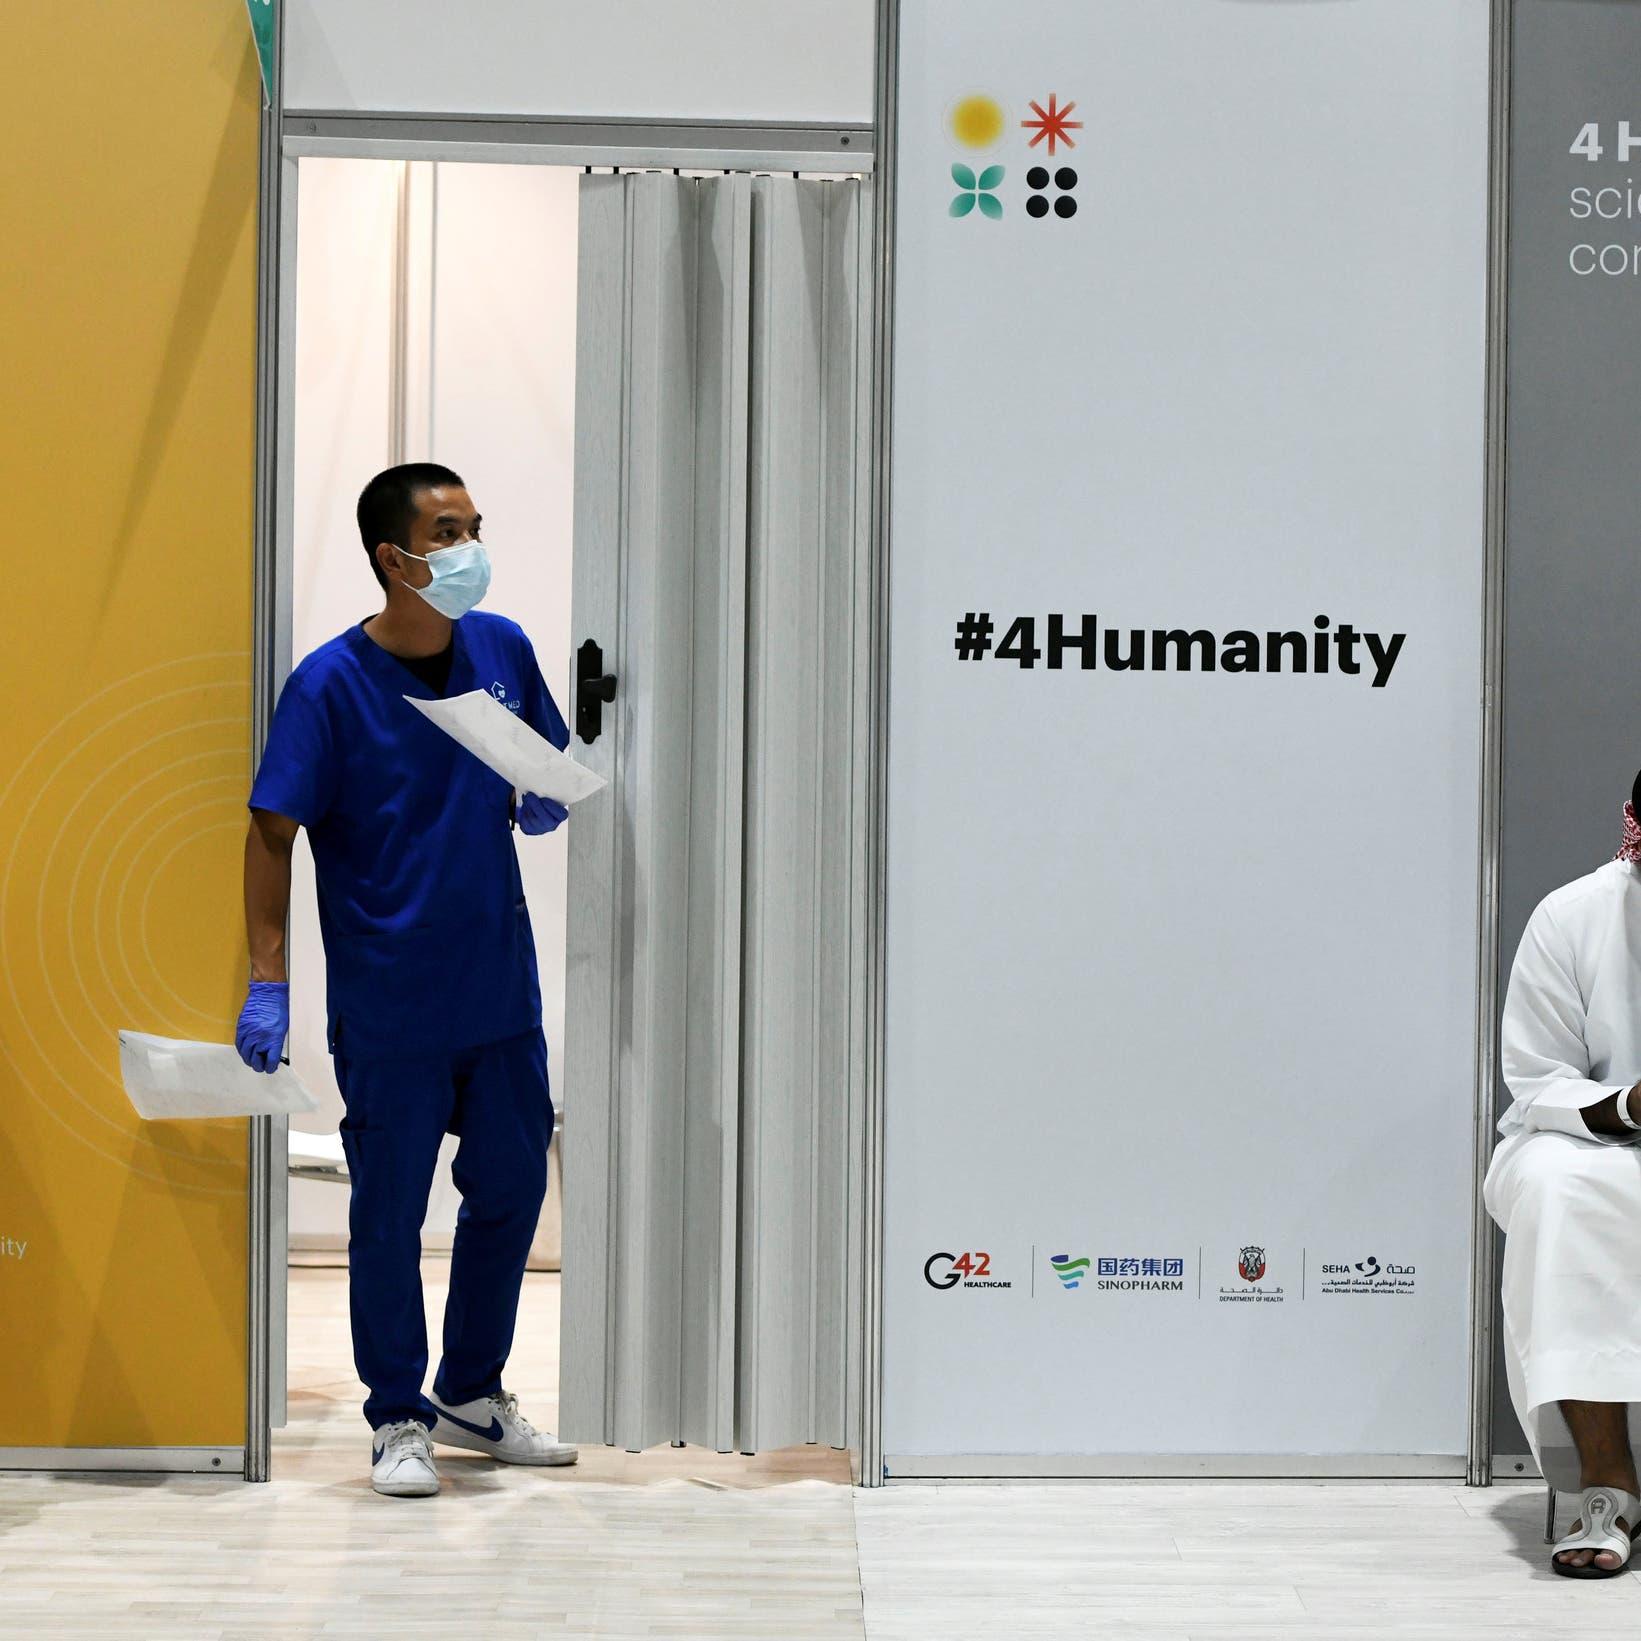 أبوظبي توفر جرعات معززة من لقاحي فايزر وسينوفارم للمواطنين والمقيمين